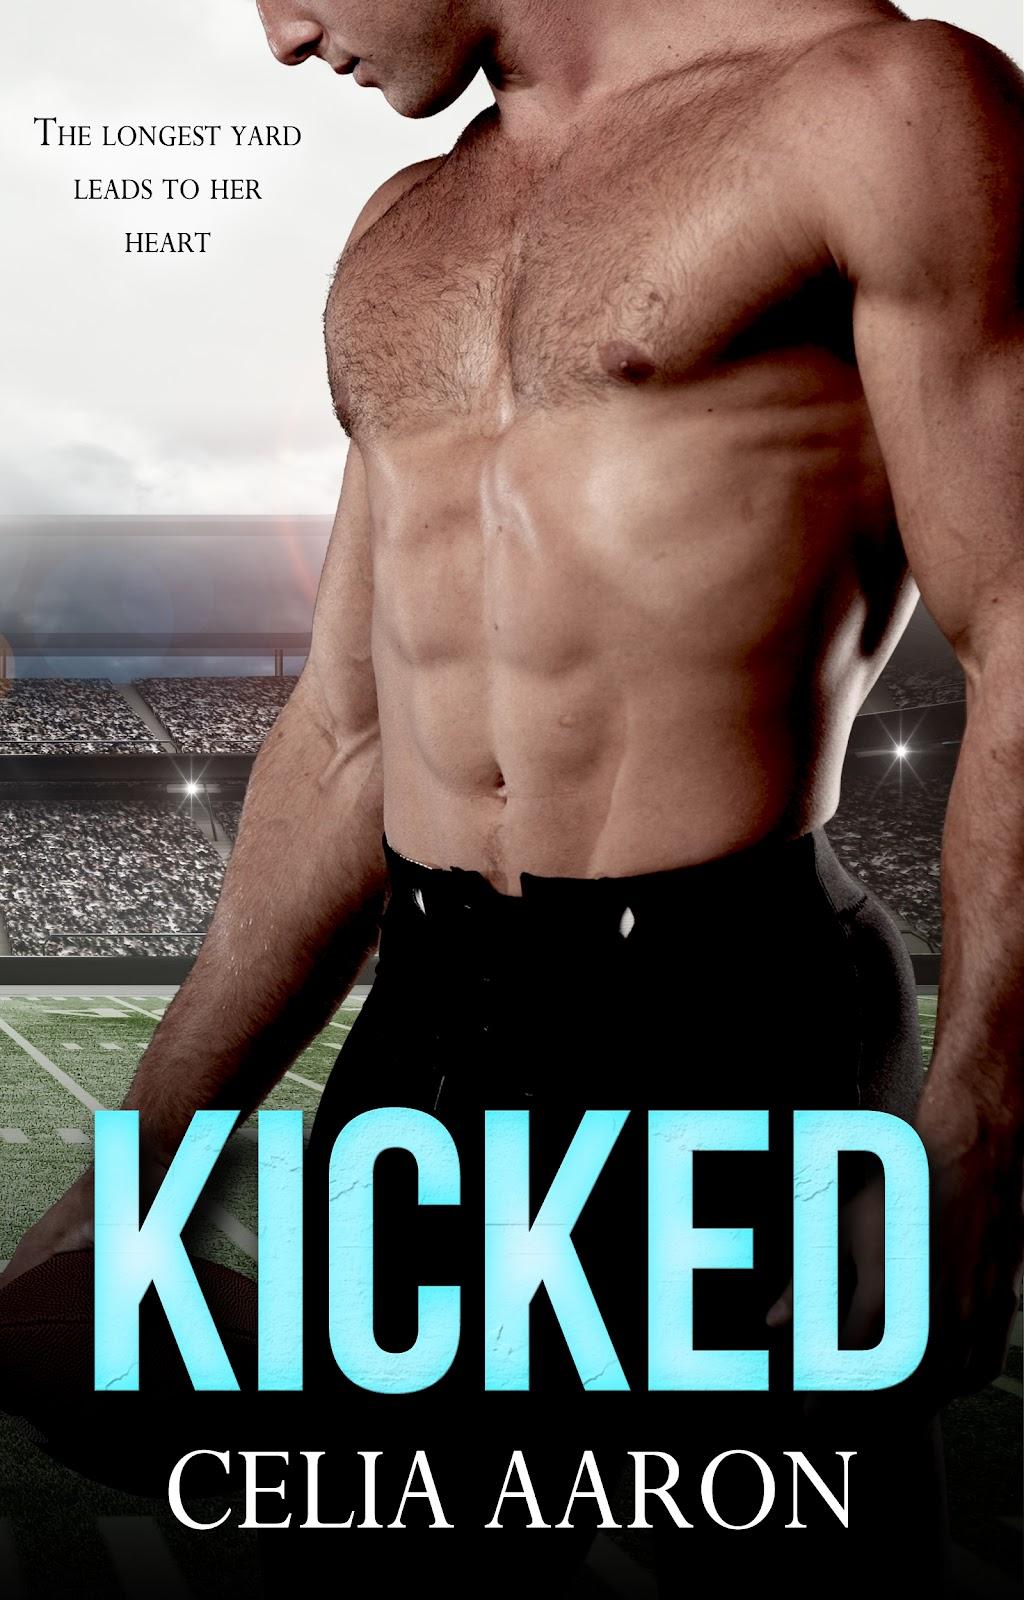 Kicked - ebook.jpg